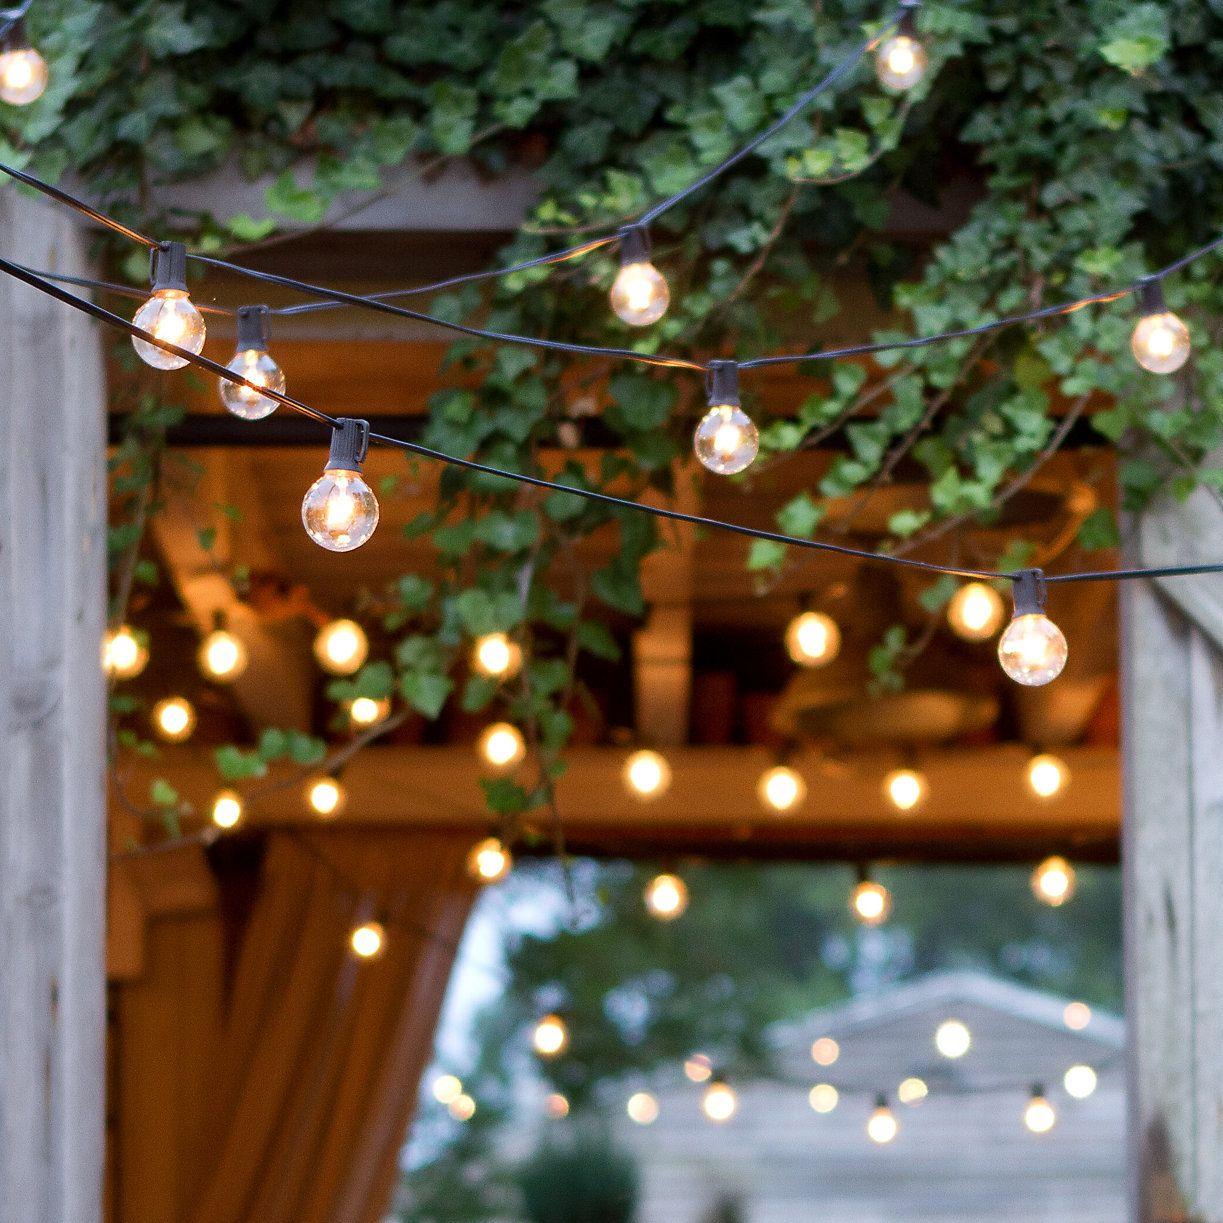 DEL Jardin Guirlande Lumineuse Extérieur Décoration Fête éclairage Terrasse Ampoules